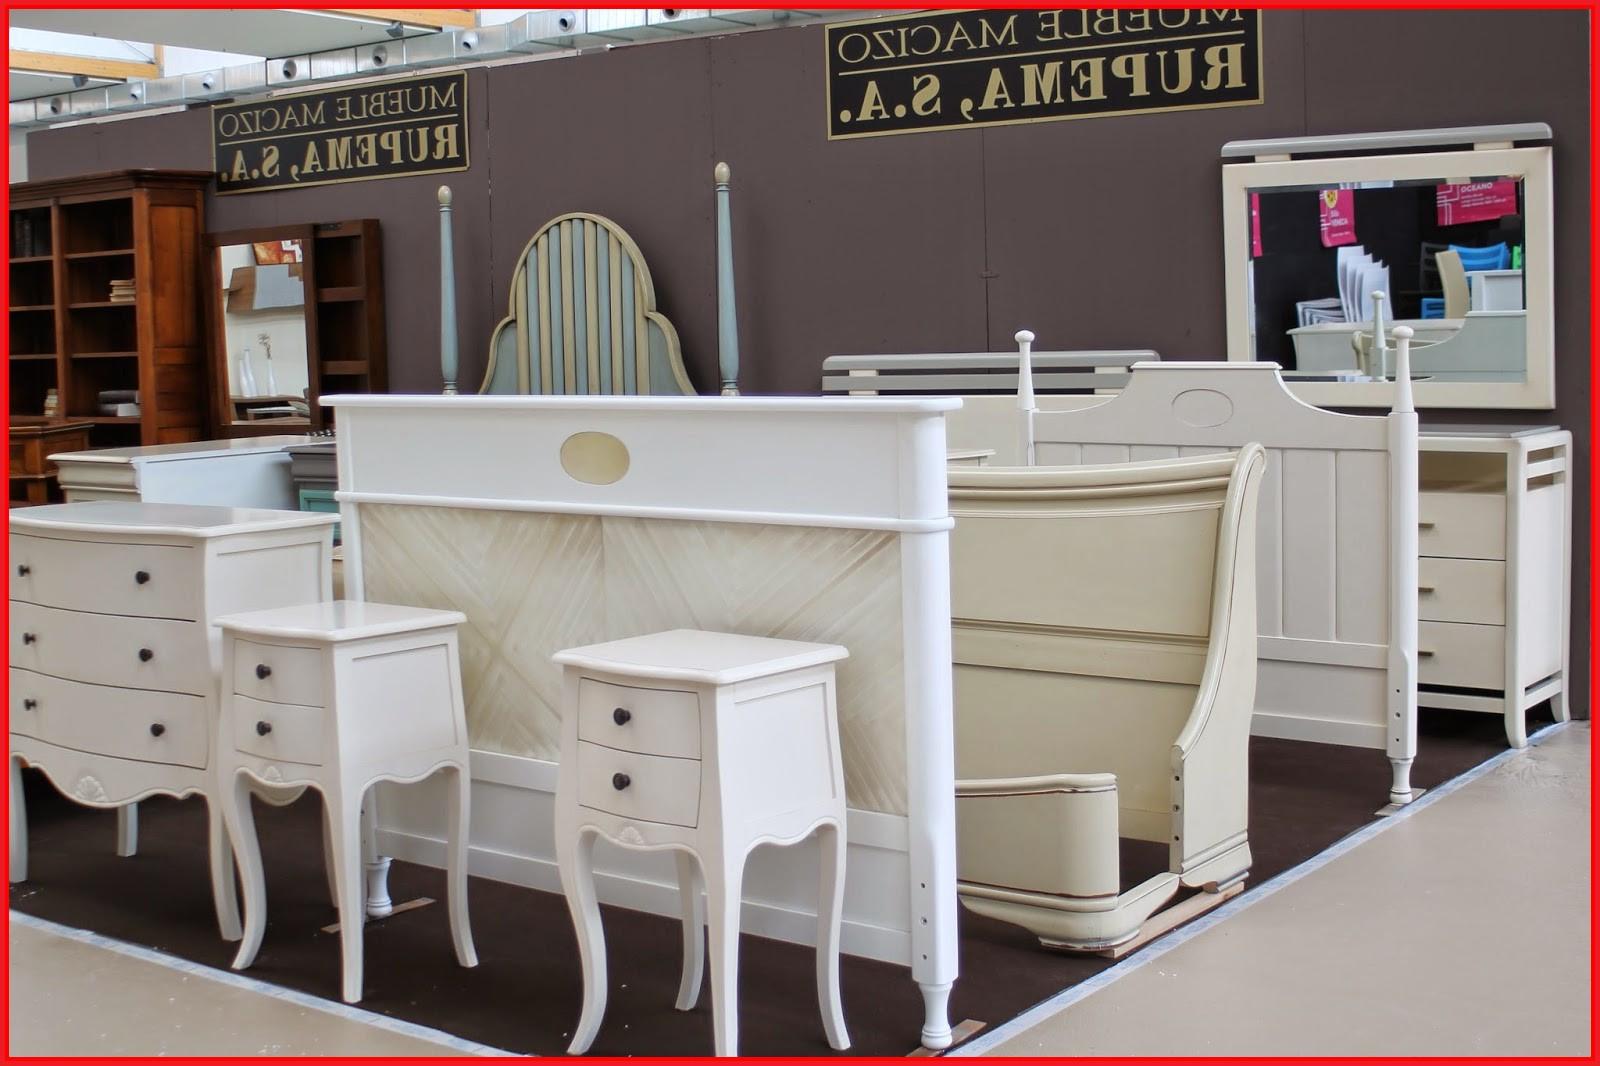 Muebles Vintage Outlet E9dx Outlet Muebles Vintage Muebles Vintage Outlet Mueble Diseo